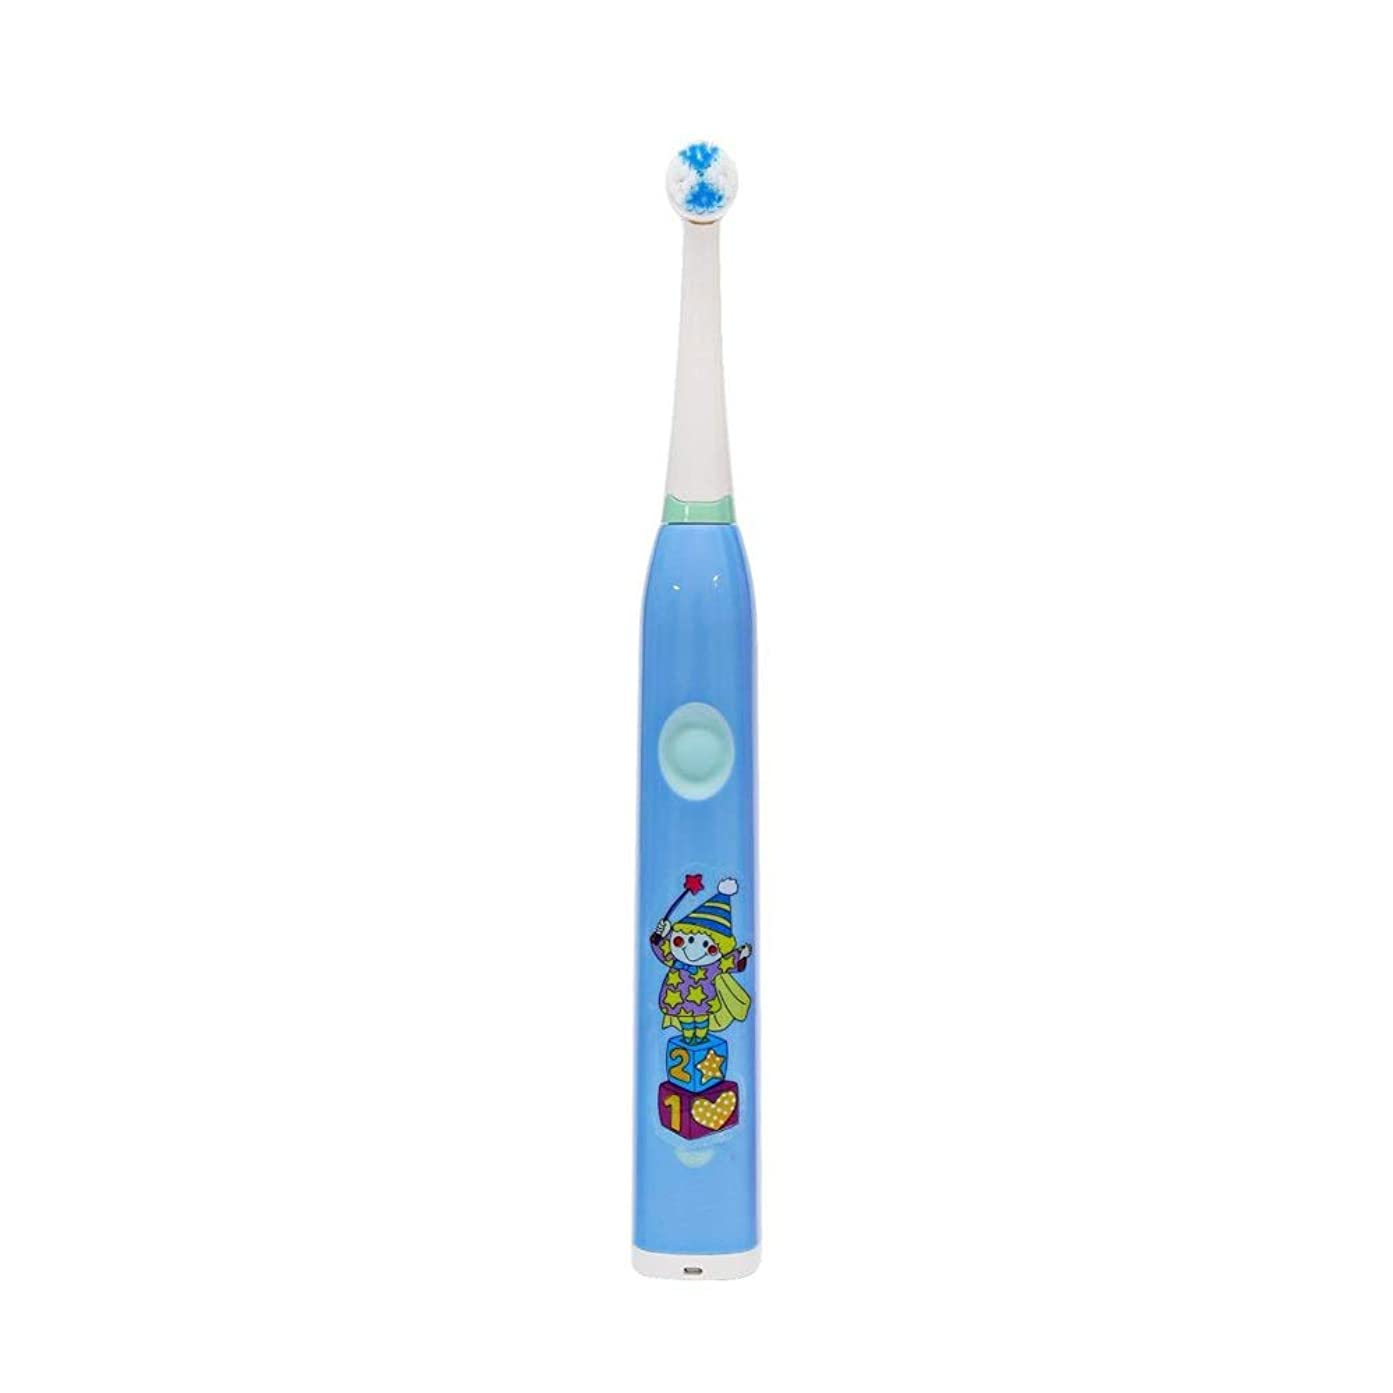 ラジウム化学薬品バター家庭用電動歯ブラシ 子供用電動歯ブラシかわいいUSB充電式歯ブラシ 男性用女性子供大人 (色 : 青, サイズ : Free size)